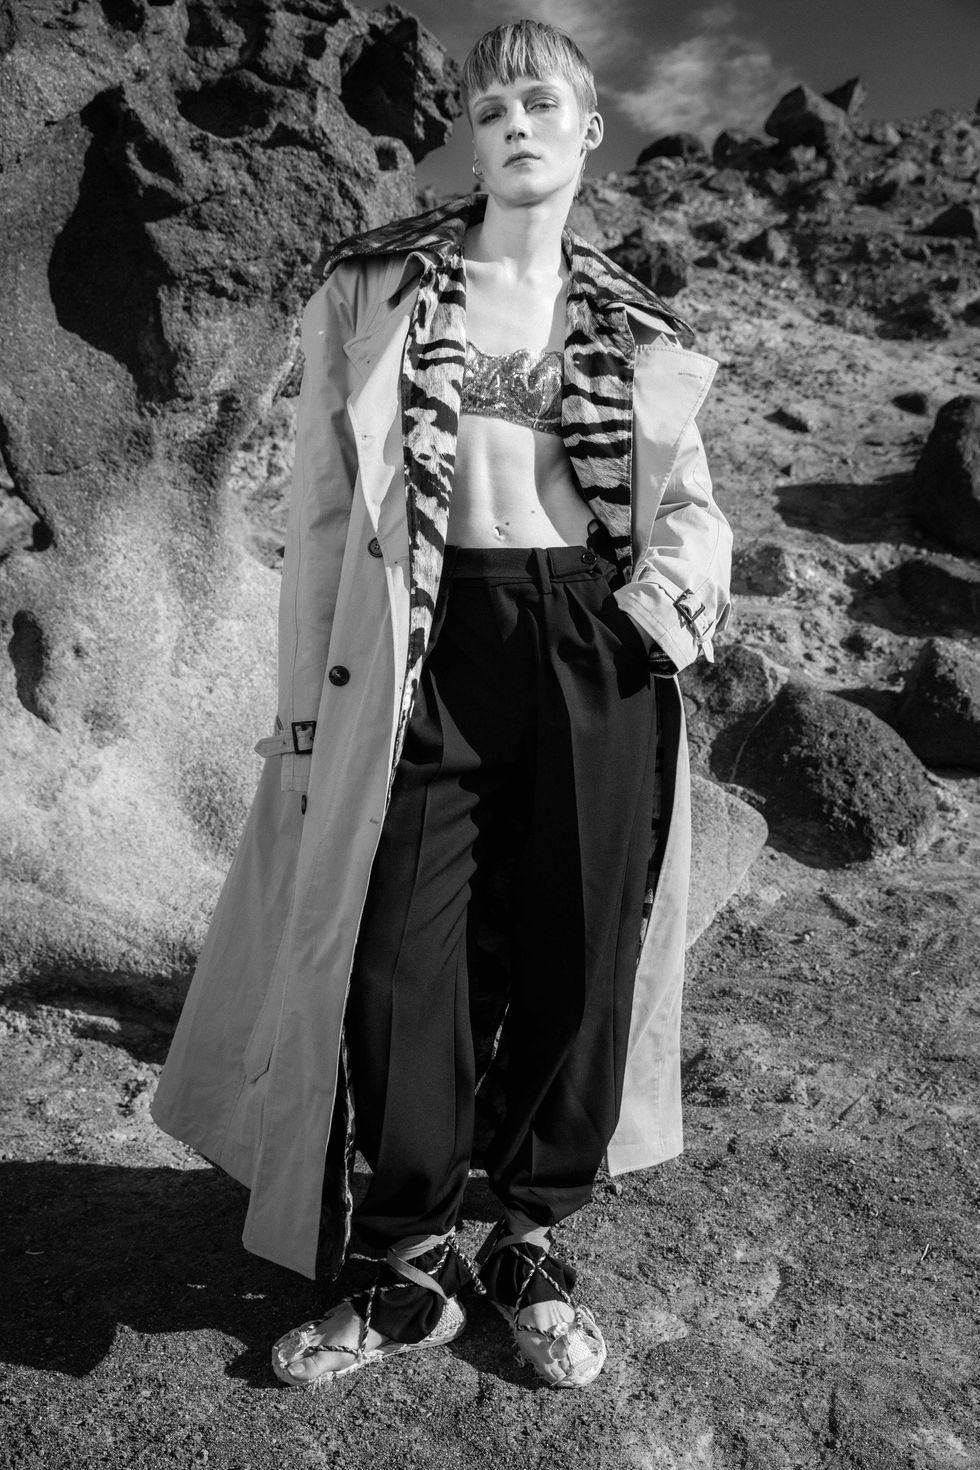 Bộ ảnh thời trang của tạp chí Elle tại Thung lũng chết - 3